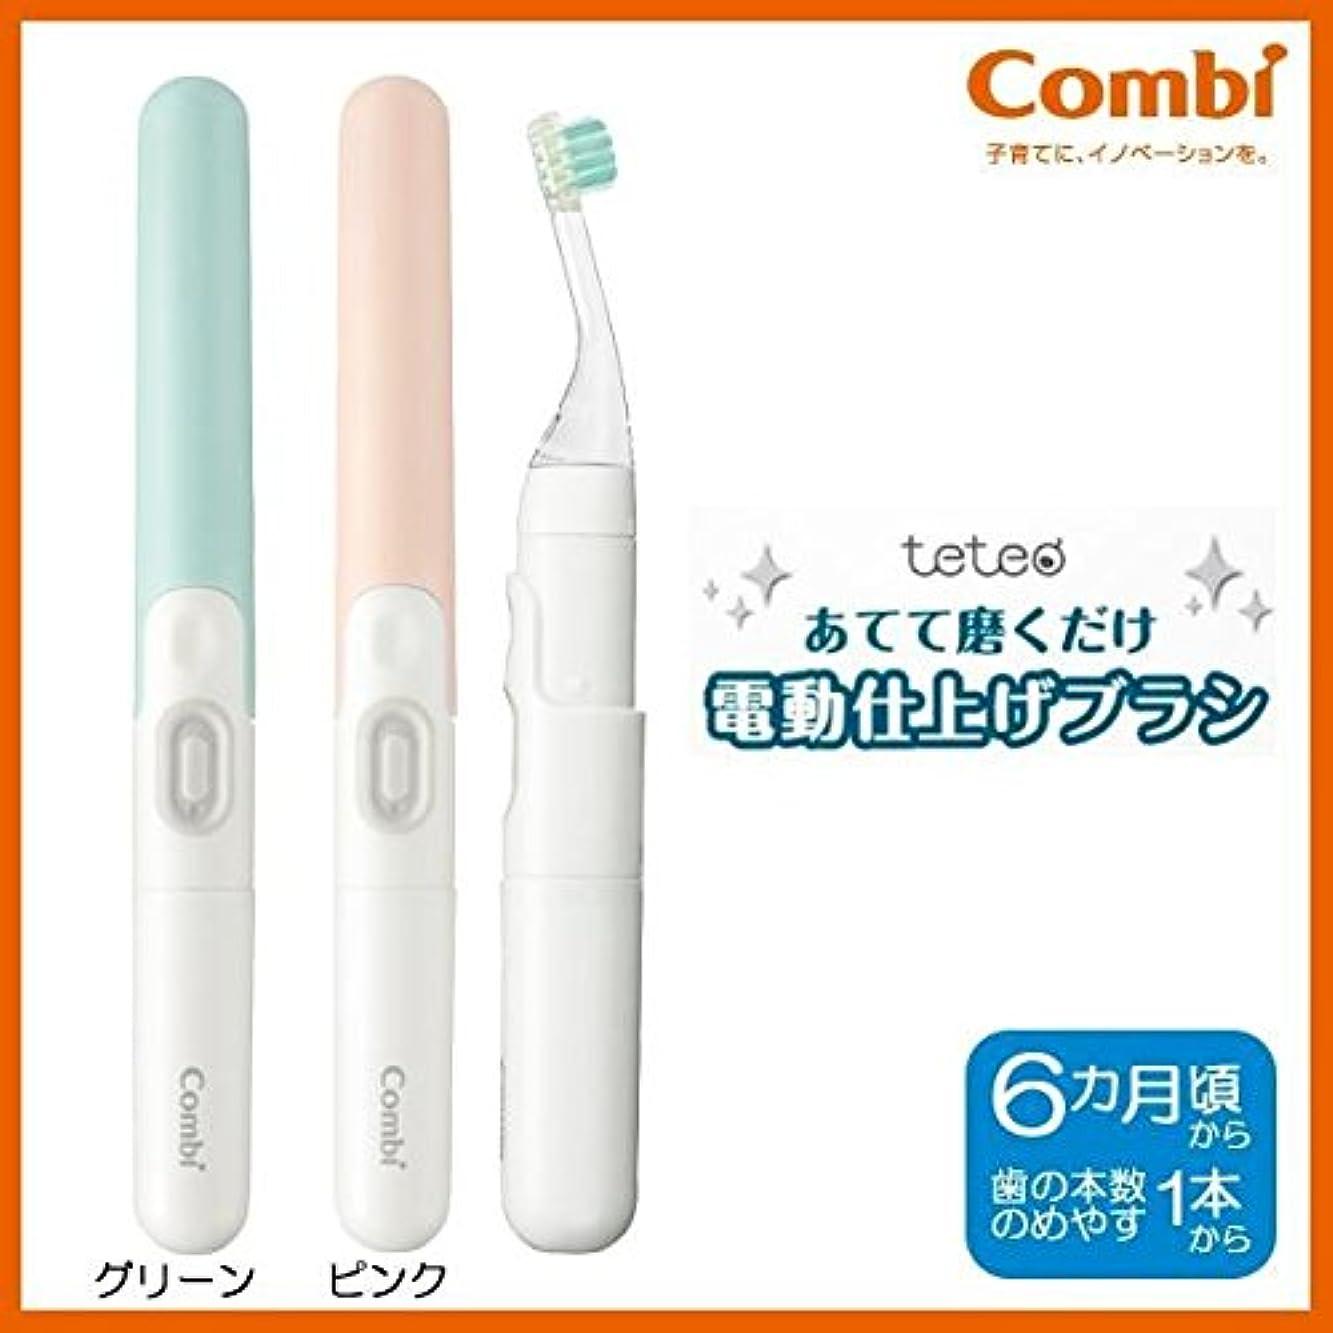 Combi(コンビ) テテオ あてて磨くだけ 電動仕上げブラシ ■2種類の内「ピンク」のみです